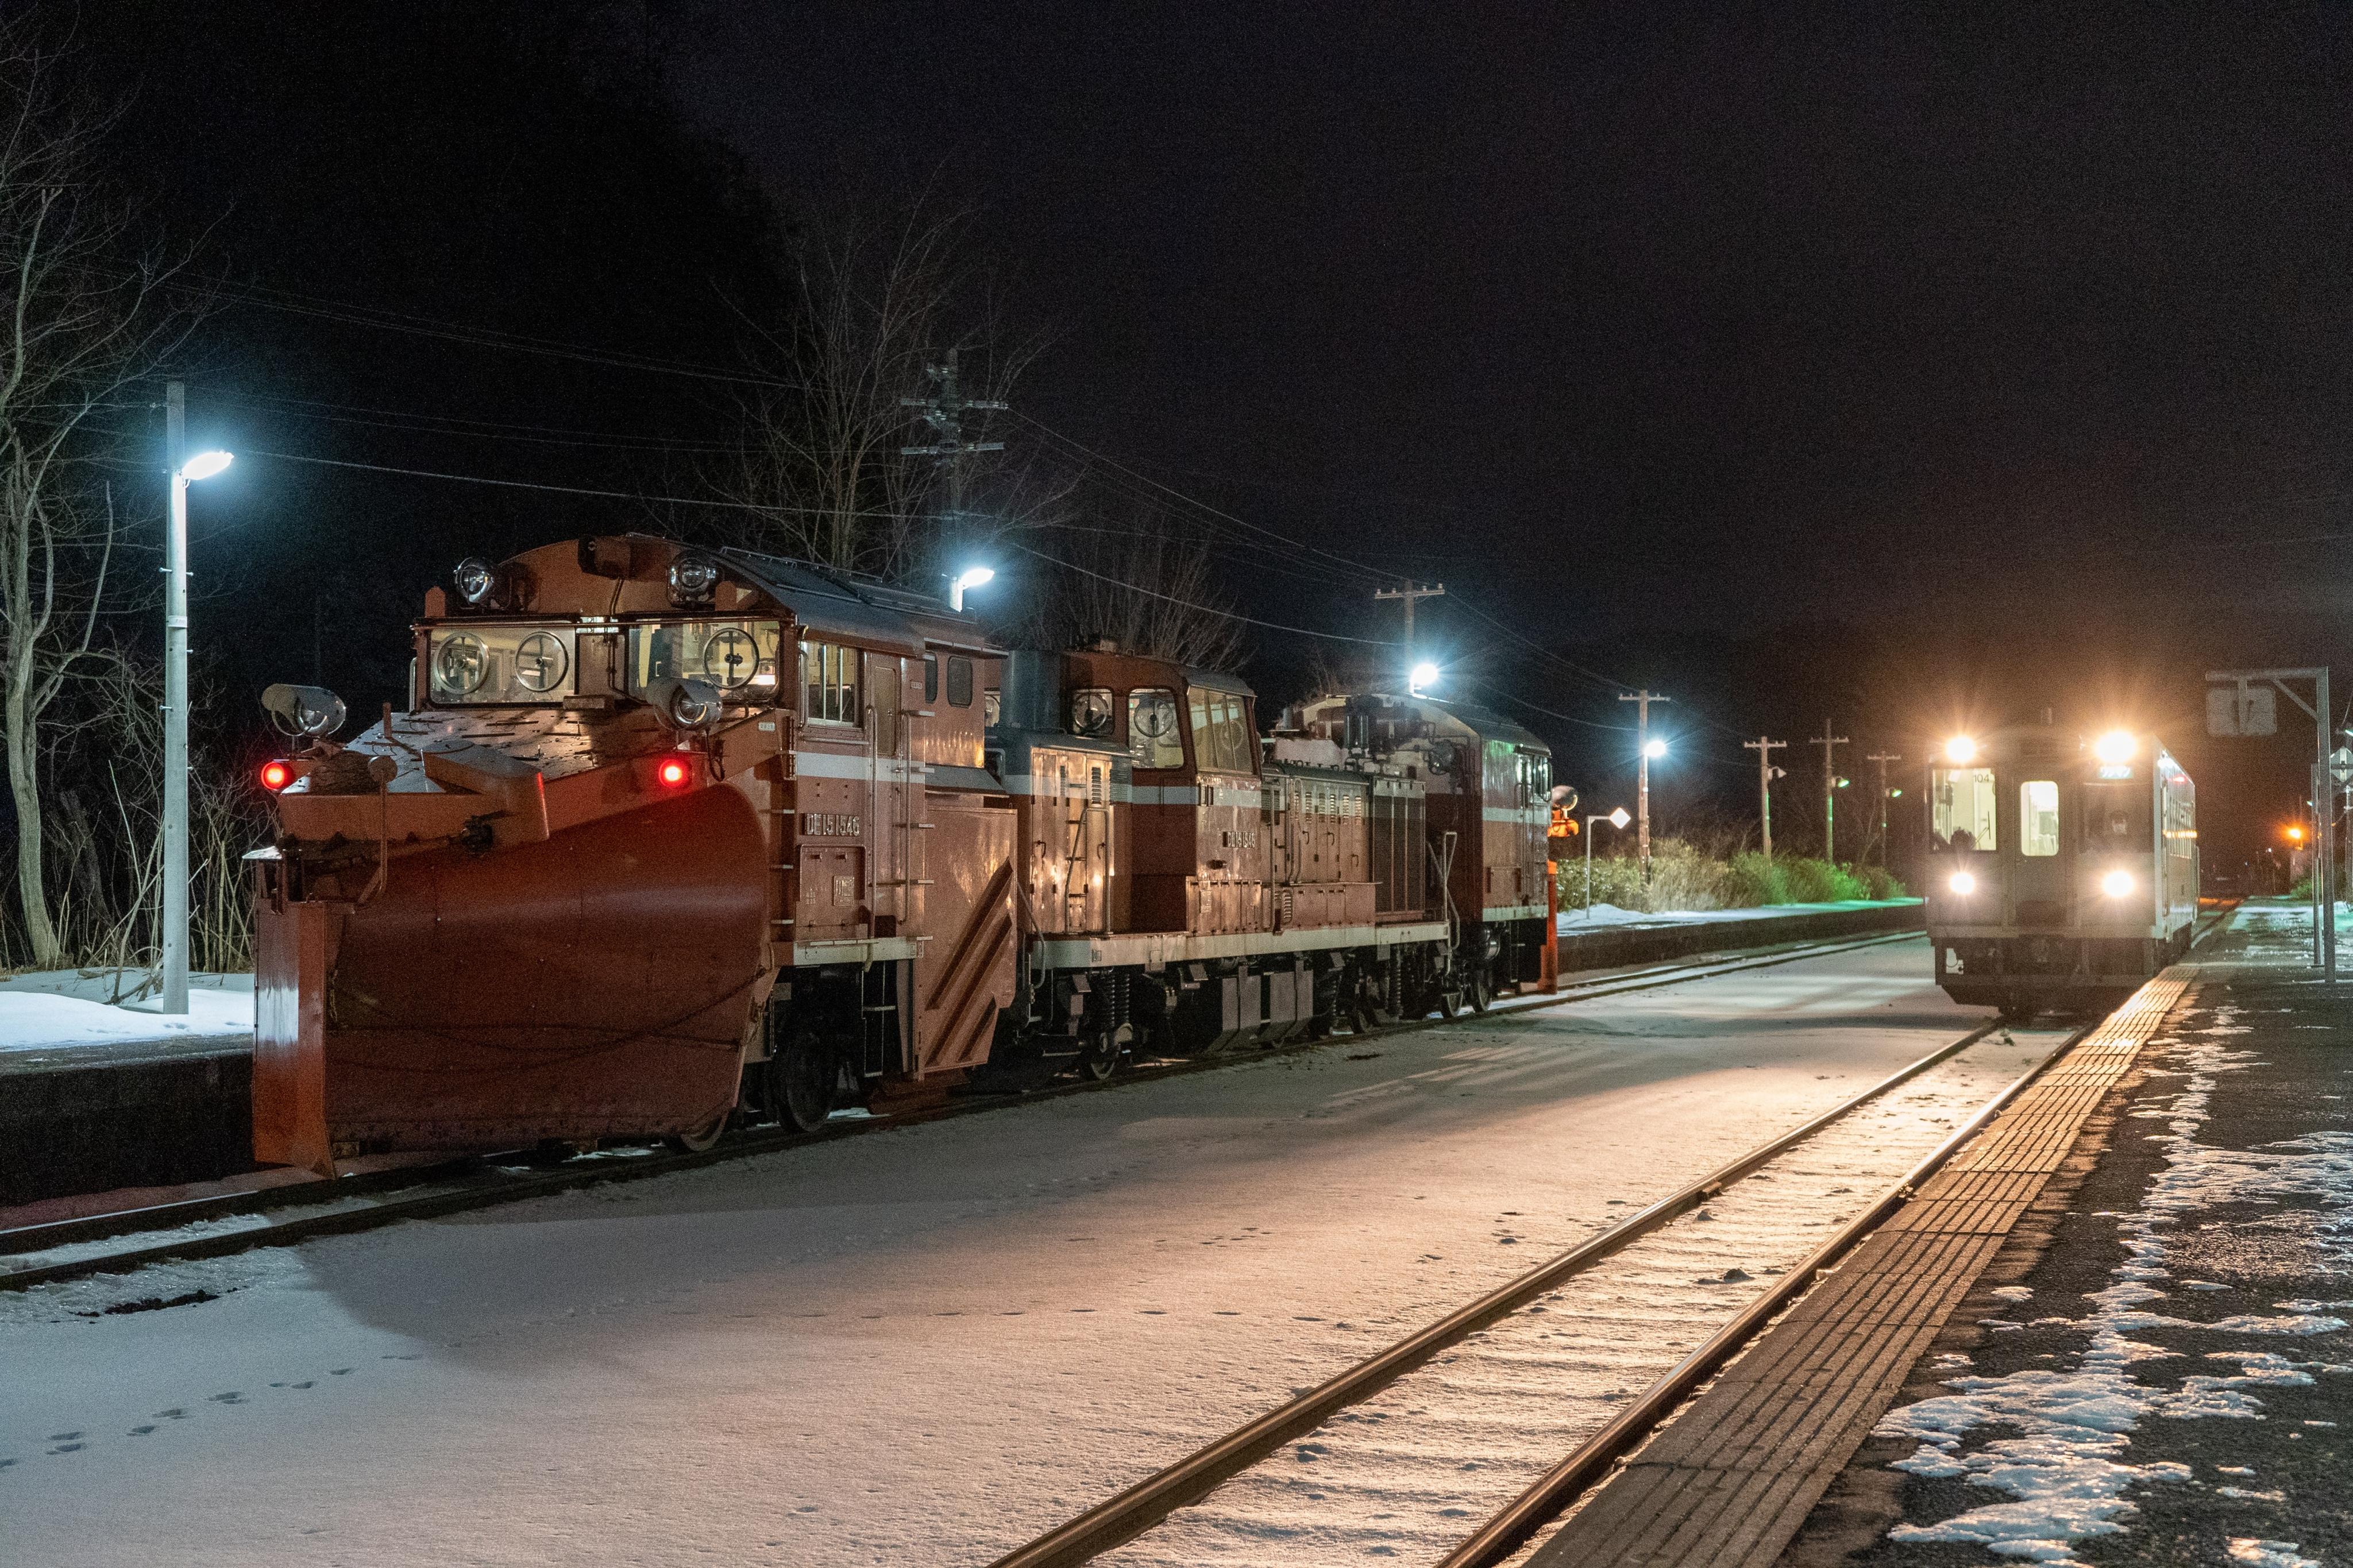 雪122レ 蘭島駅 200111 (3).jpg